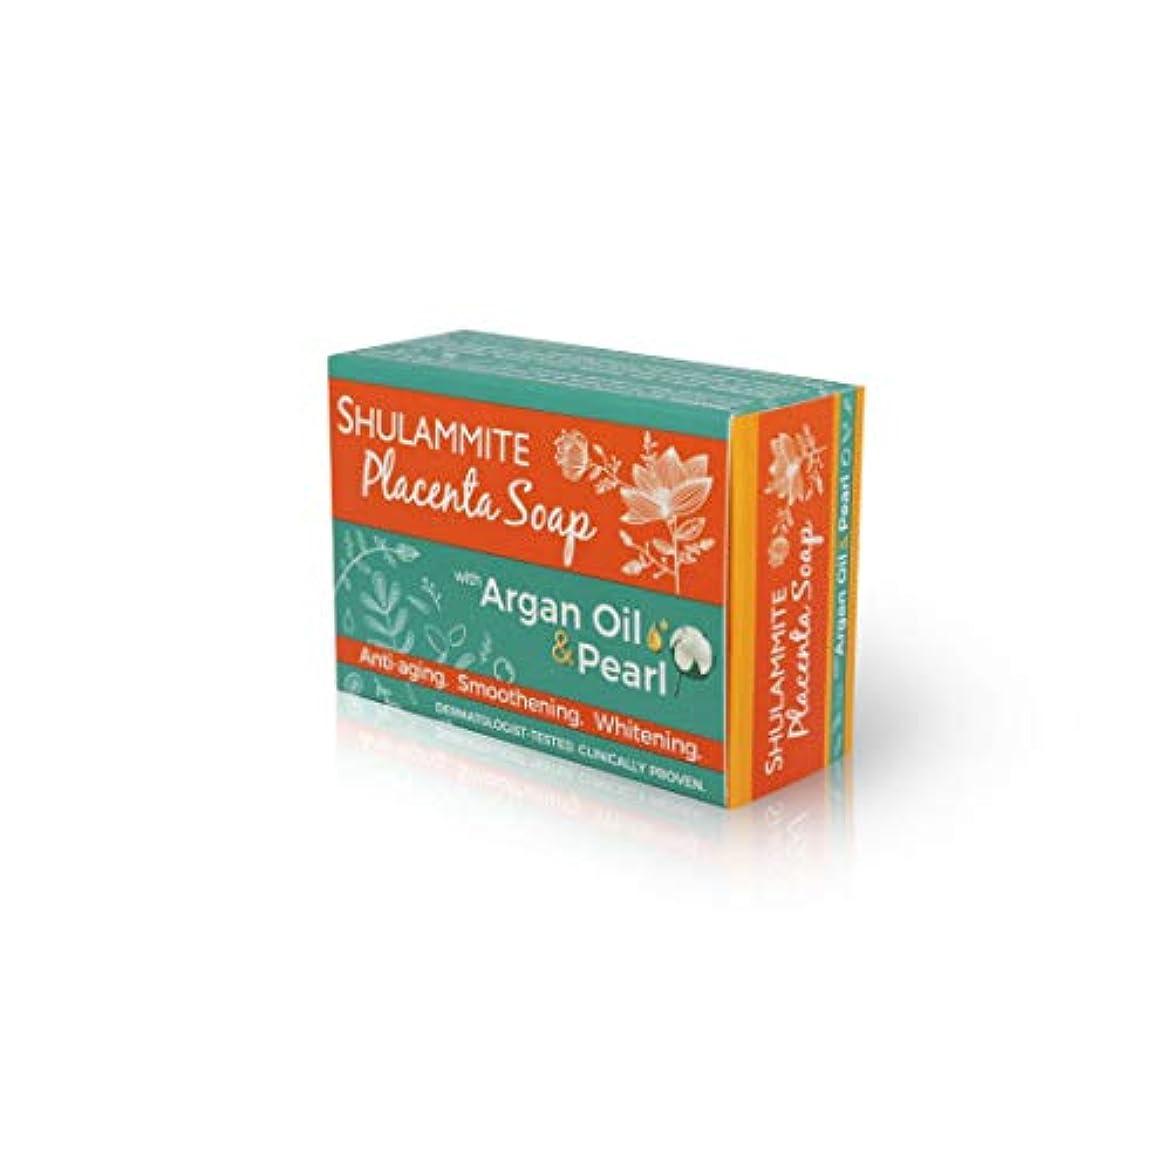 なぜ春手術SHULAMMITE Placenta Soap with Argan Oil & Pearl/アルガンオイル&パール配合ソープ150g